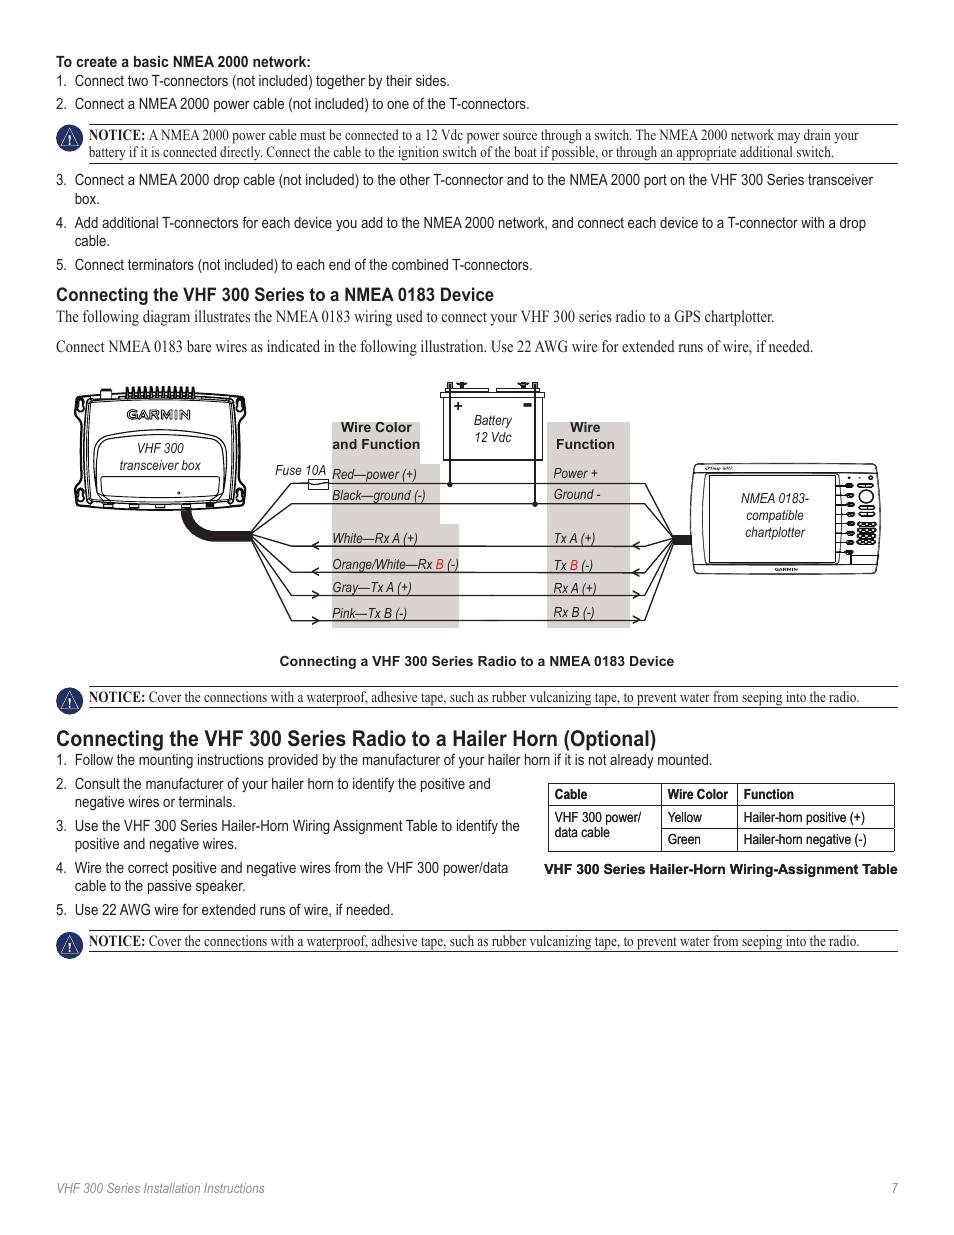 Wiring Diagram Lowrance Hds 8 Gen2